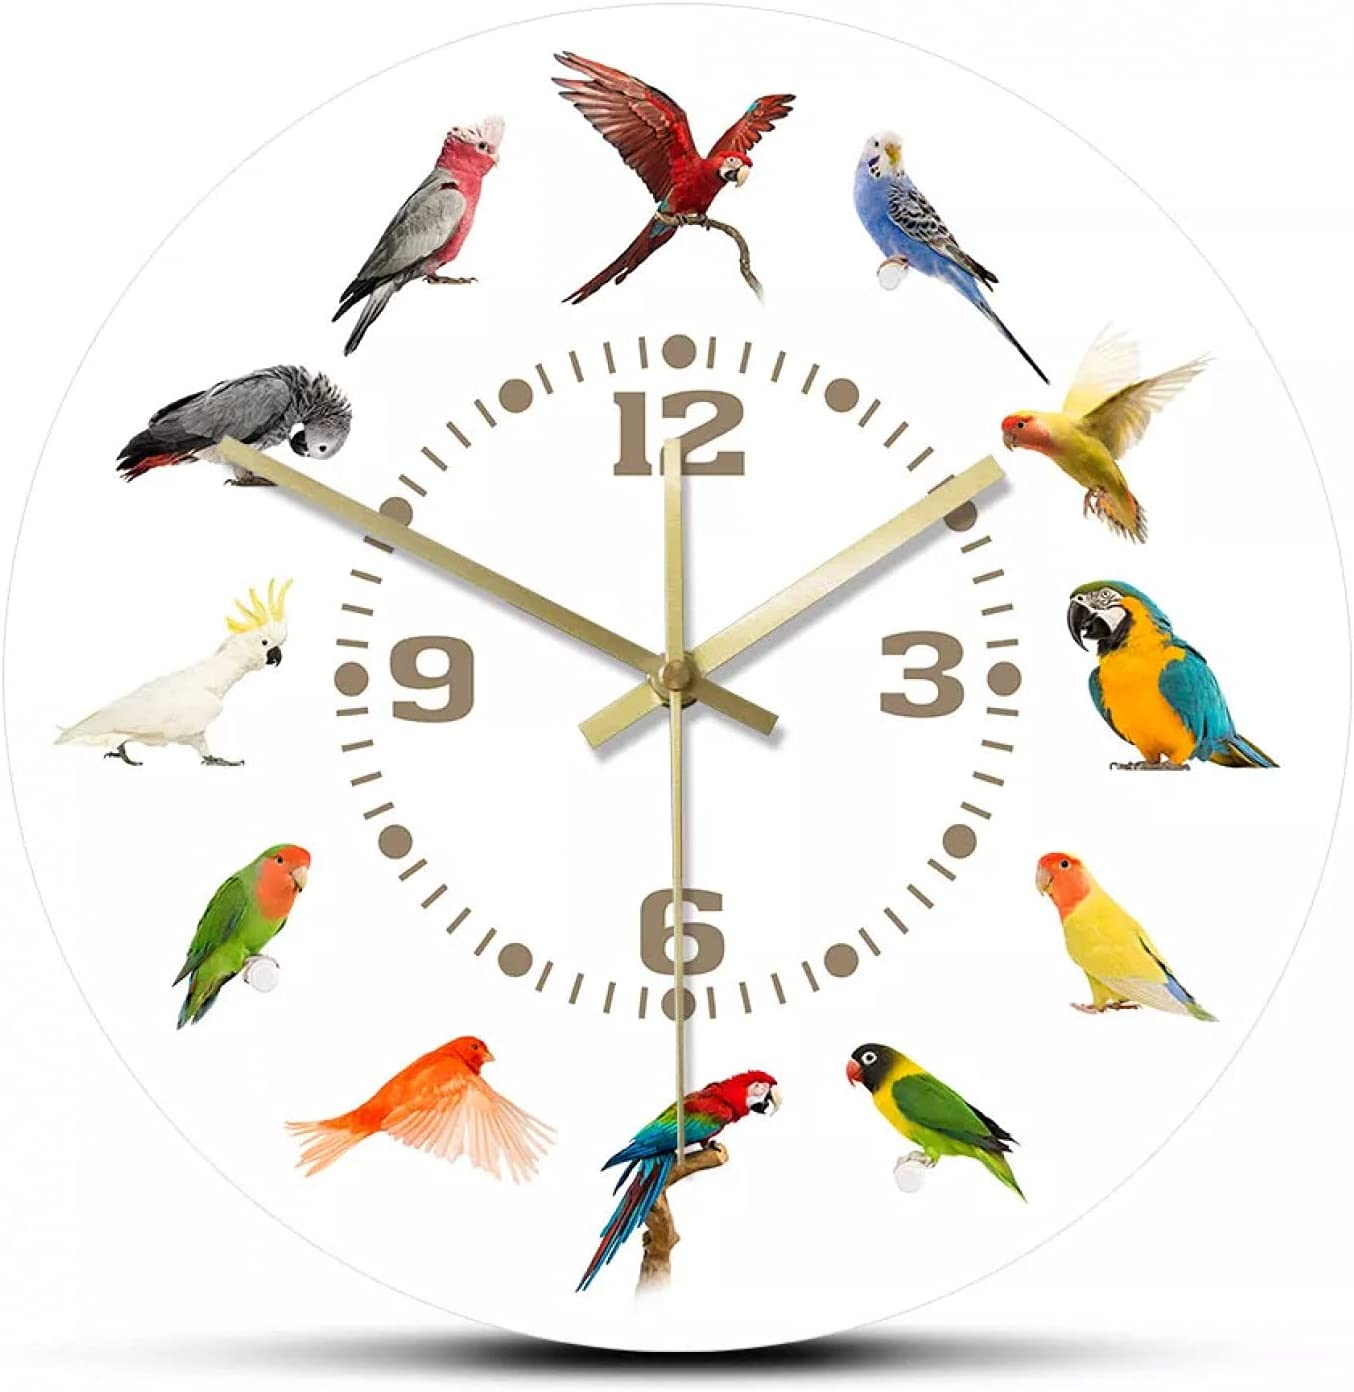 wszhh Colección de Razas de pájaros Reloj de Pared Moderno Reloj de Pared sin tictac Loro Pájaro Especies de Mascotas Arte de Pared exótico Amantes de los pájaros Decoración del hogar